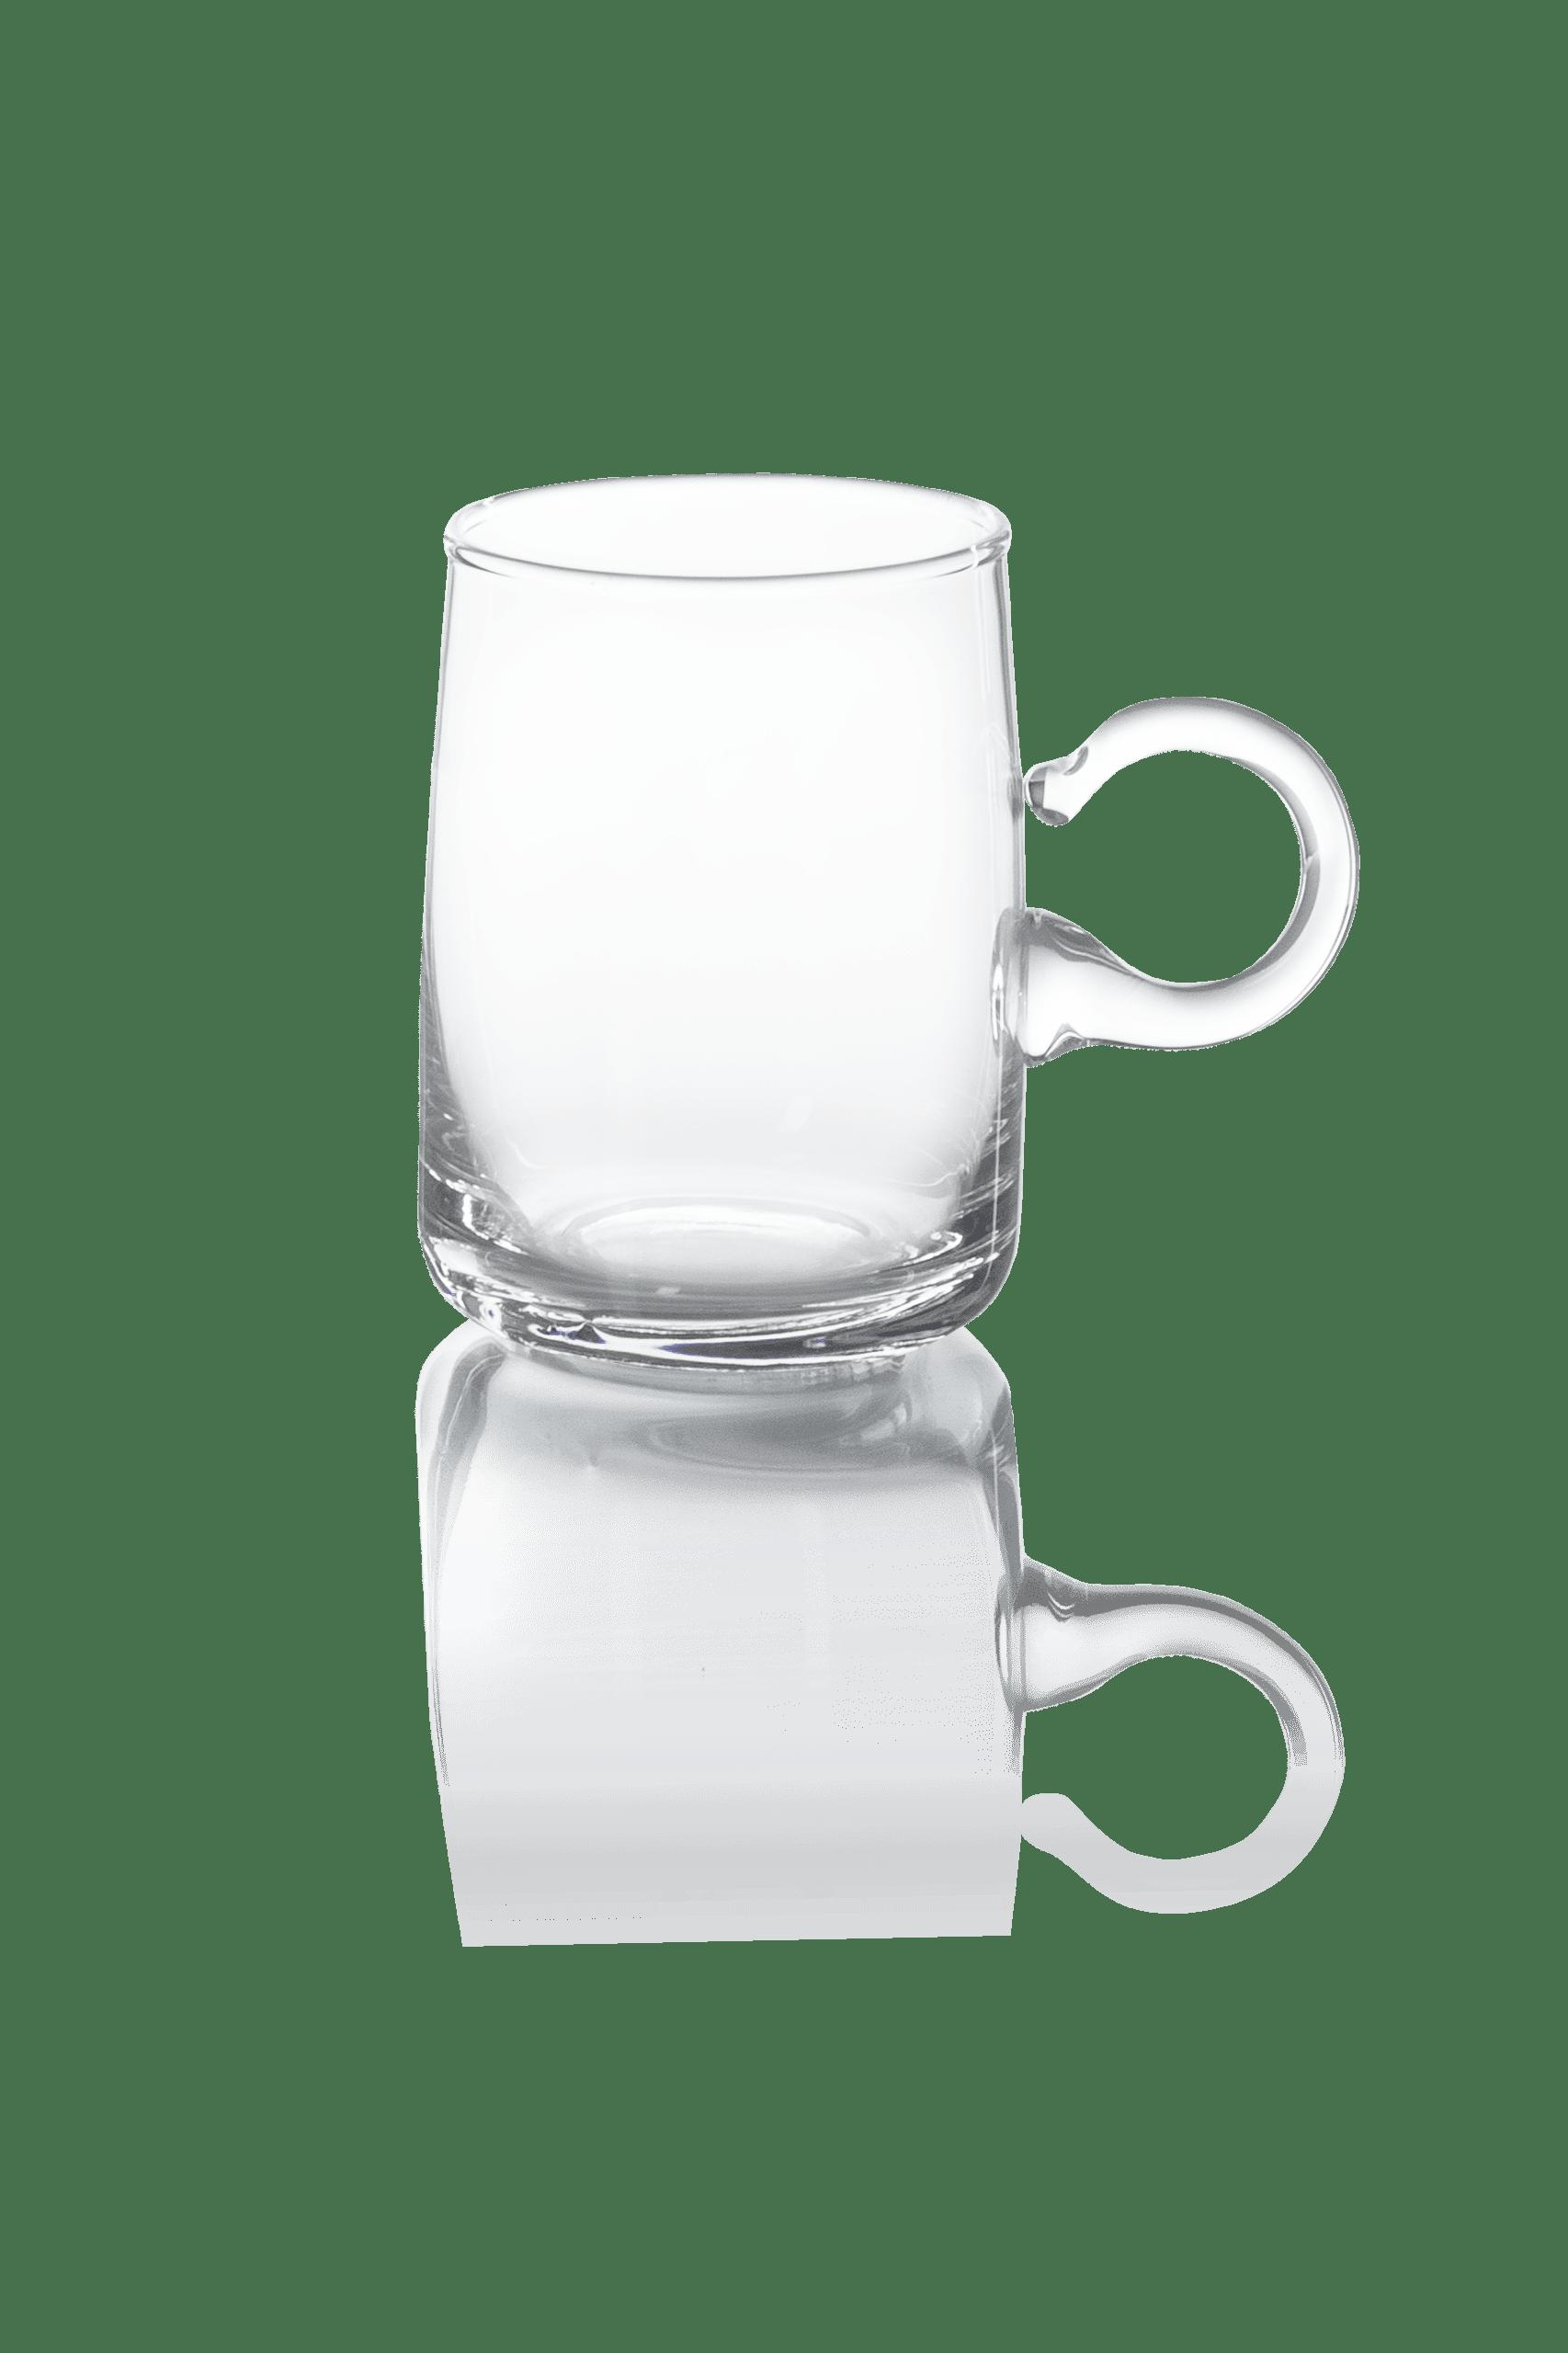 przezroczysta szklanka z uchem do herbaty cienka